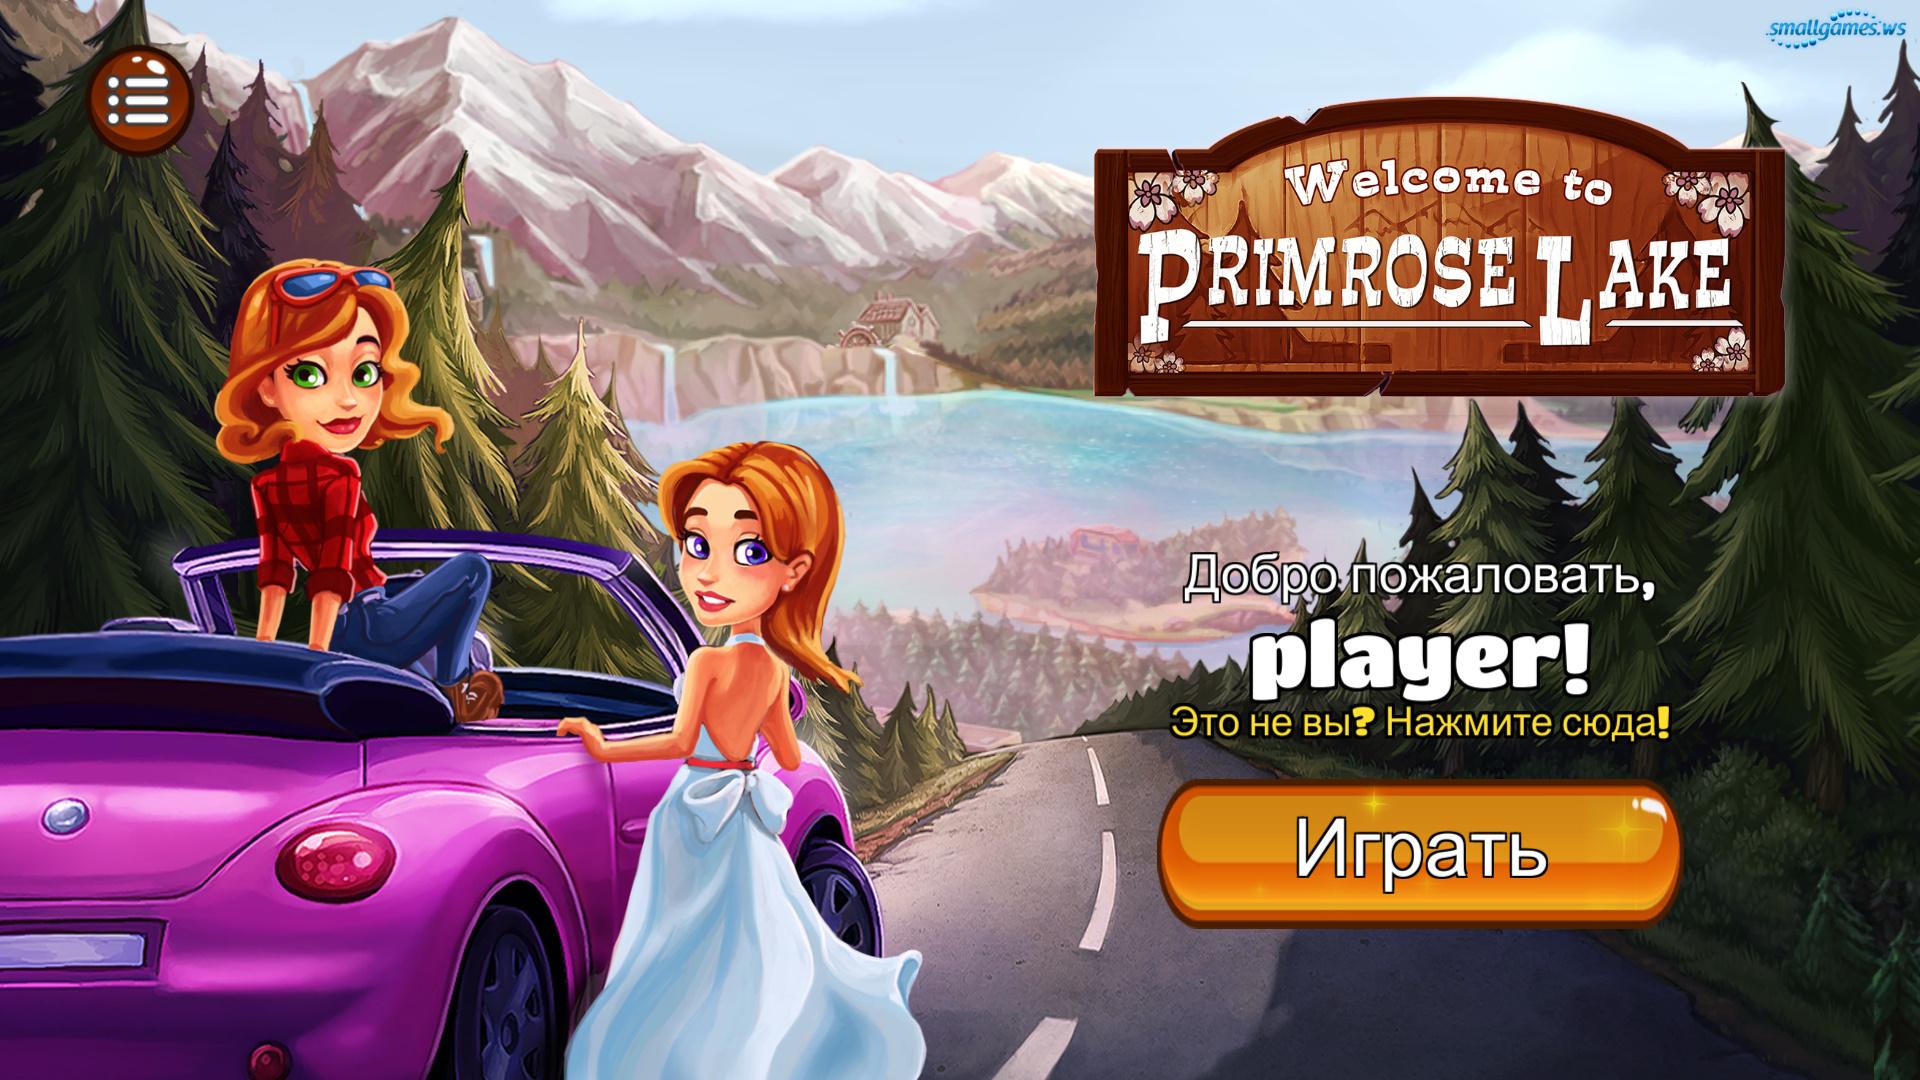 Новые алавар игры играть онлайн смертельная гонка 2008 смотреть онлайн бесплатно в хорошем качестве hd 720